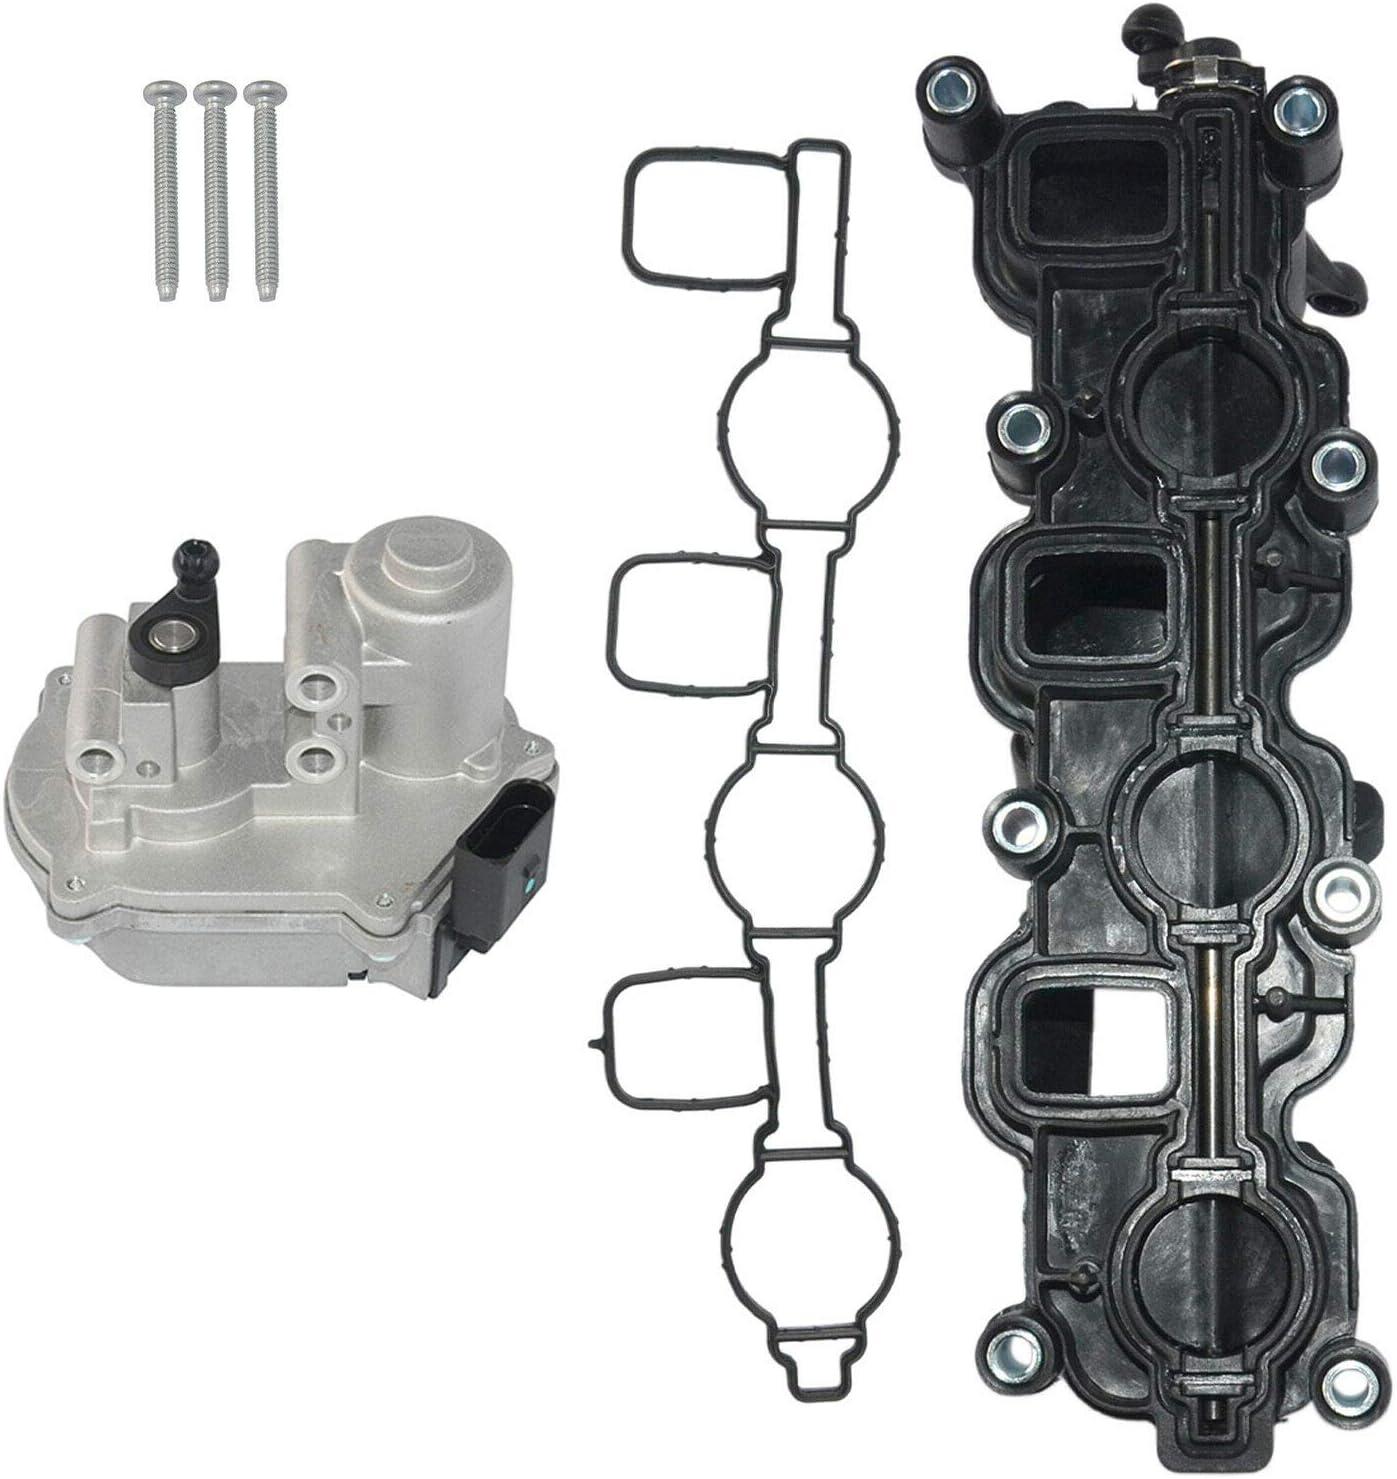 AUDI A4 A6 A8 Q7 2.7 3.0 TDI Touareg Colector De Admisión Actuador VDO OEM 059129086M